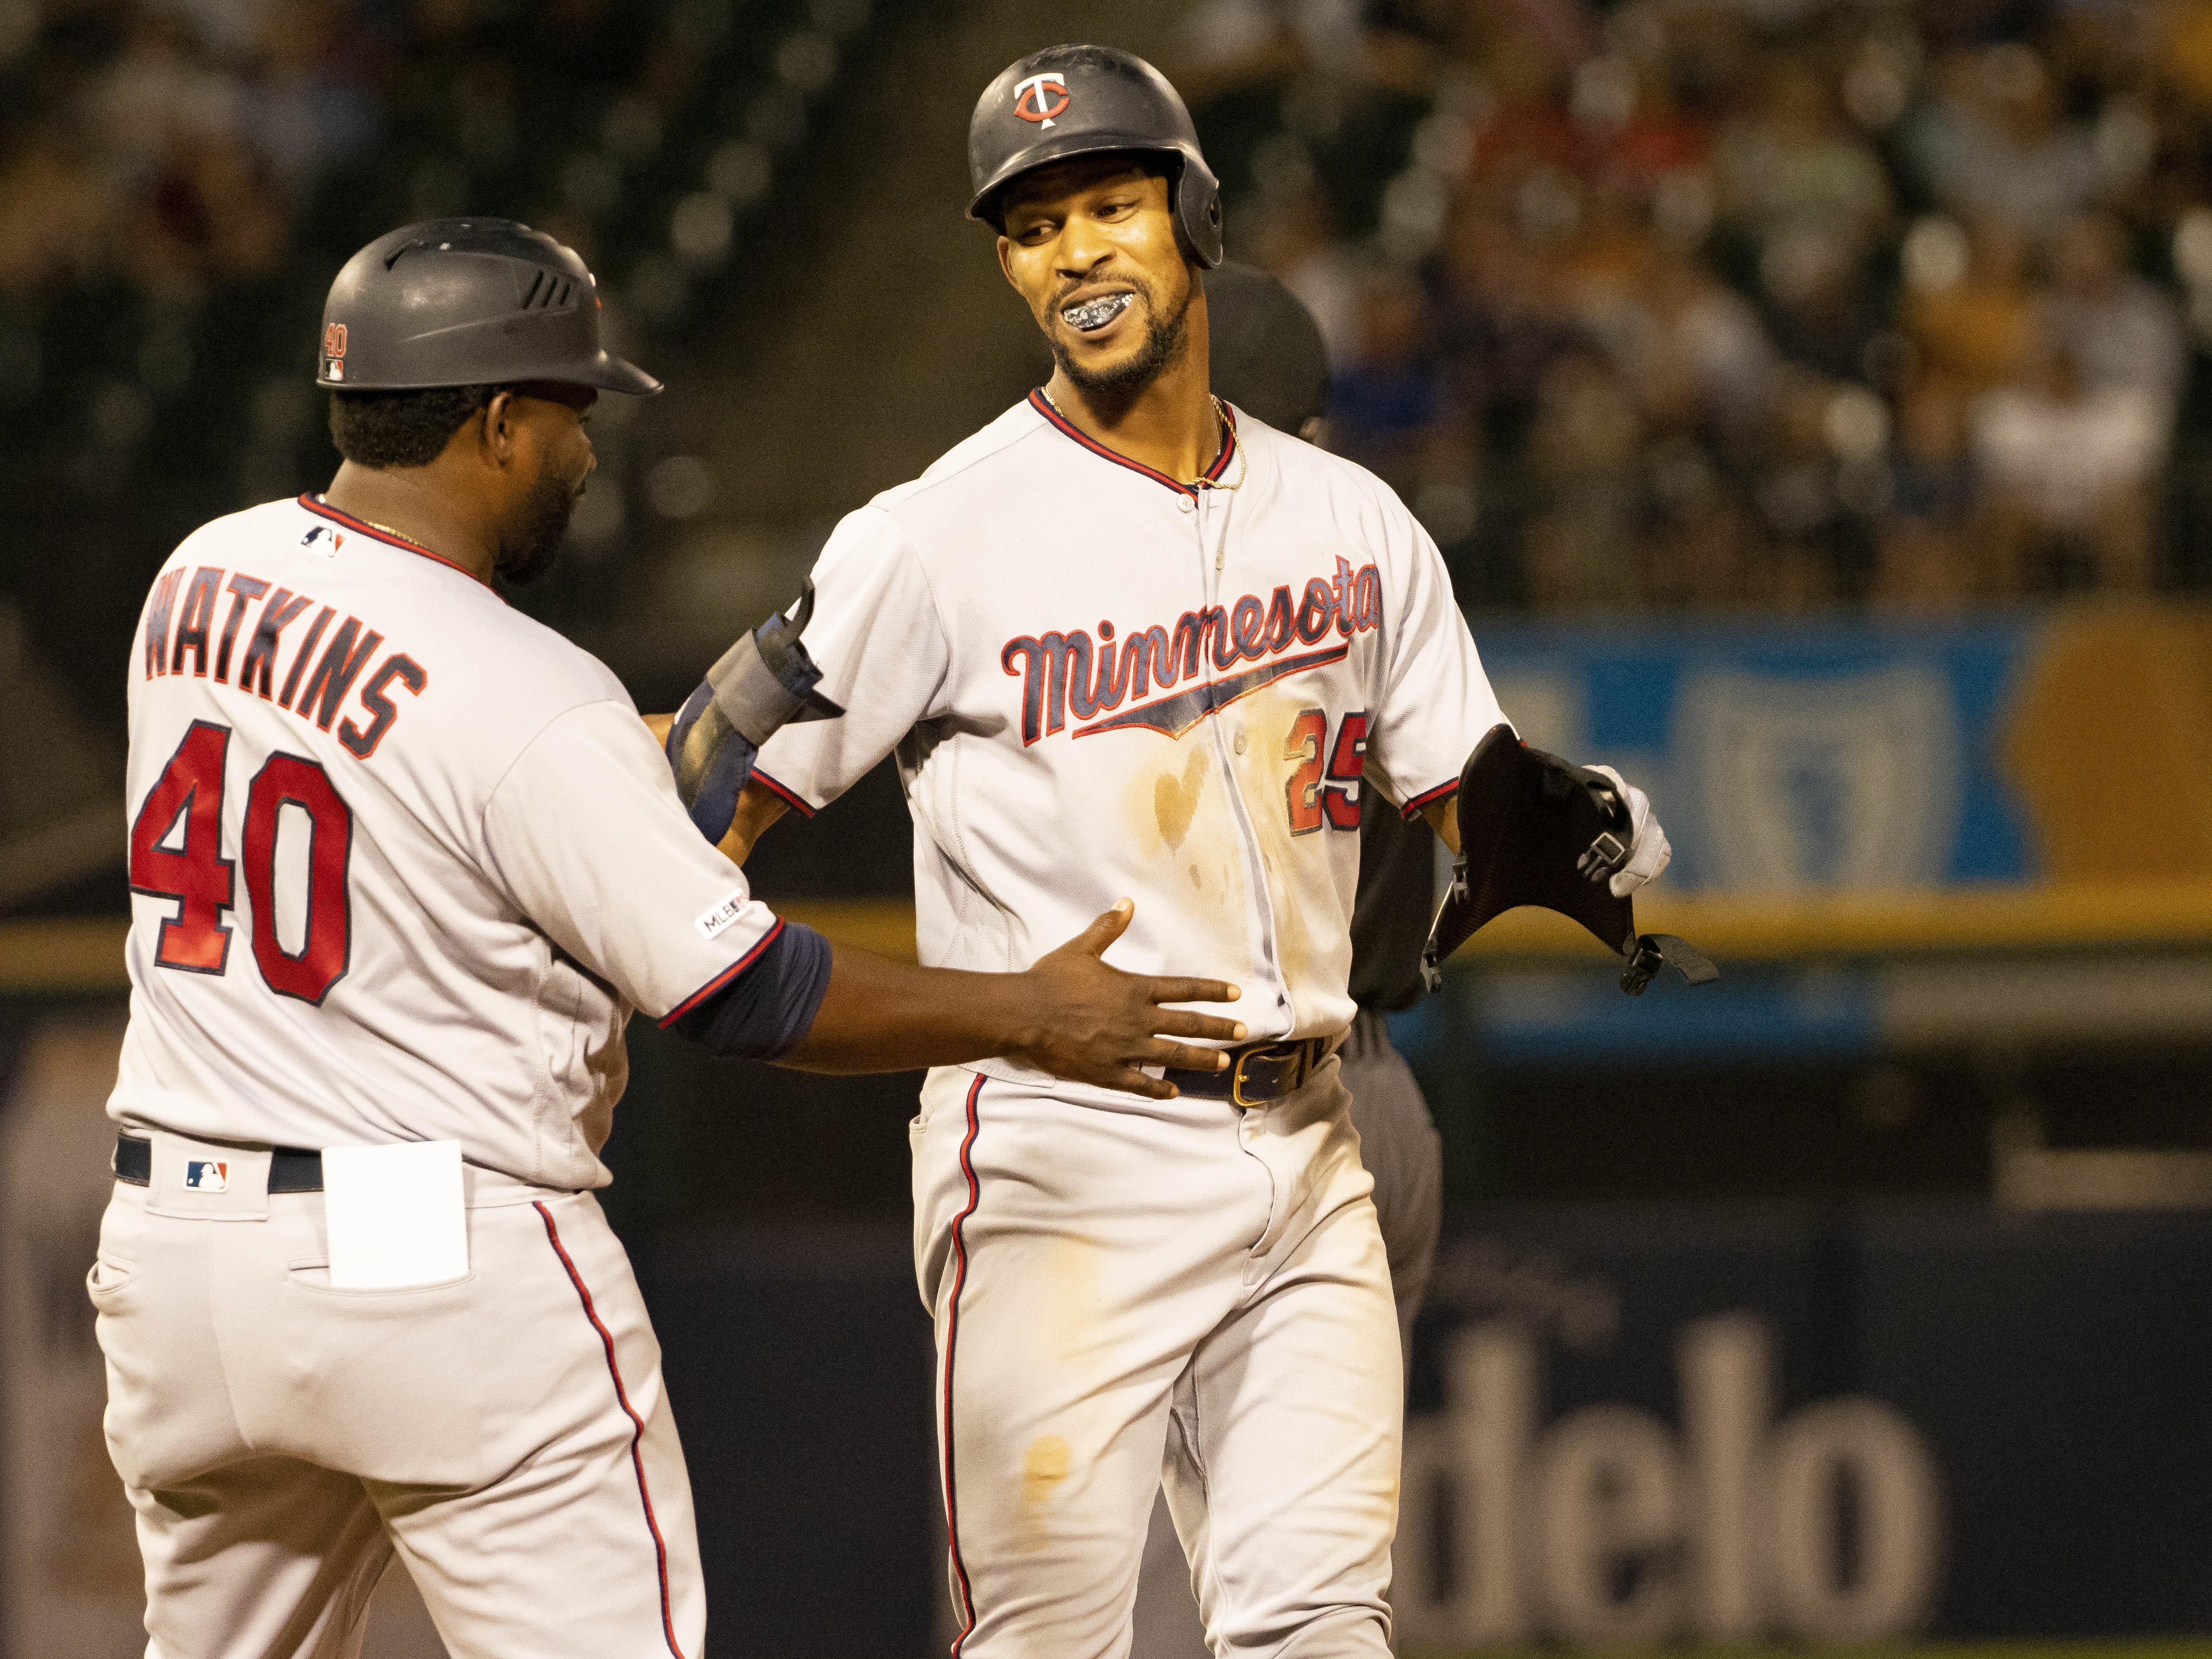 2019年7月25日,明尼苏达双胞胎队在芝加哥白袜队举行的MLB常规赛中,外野手Bryon Buxton在得分后反应。